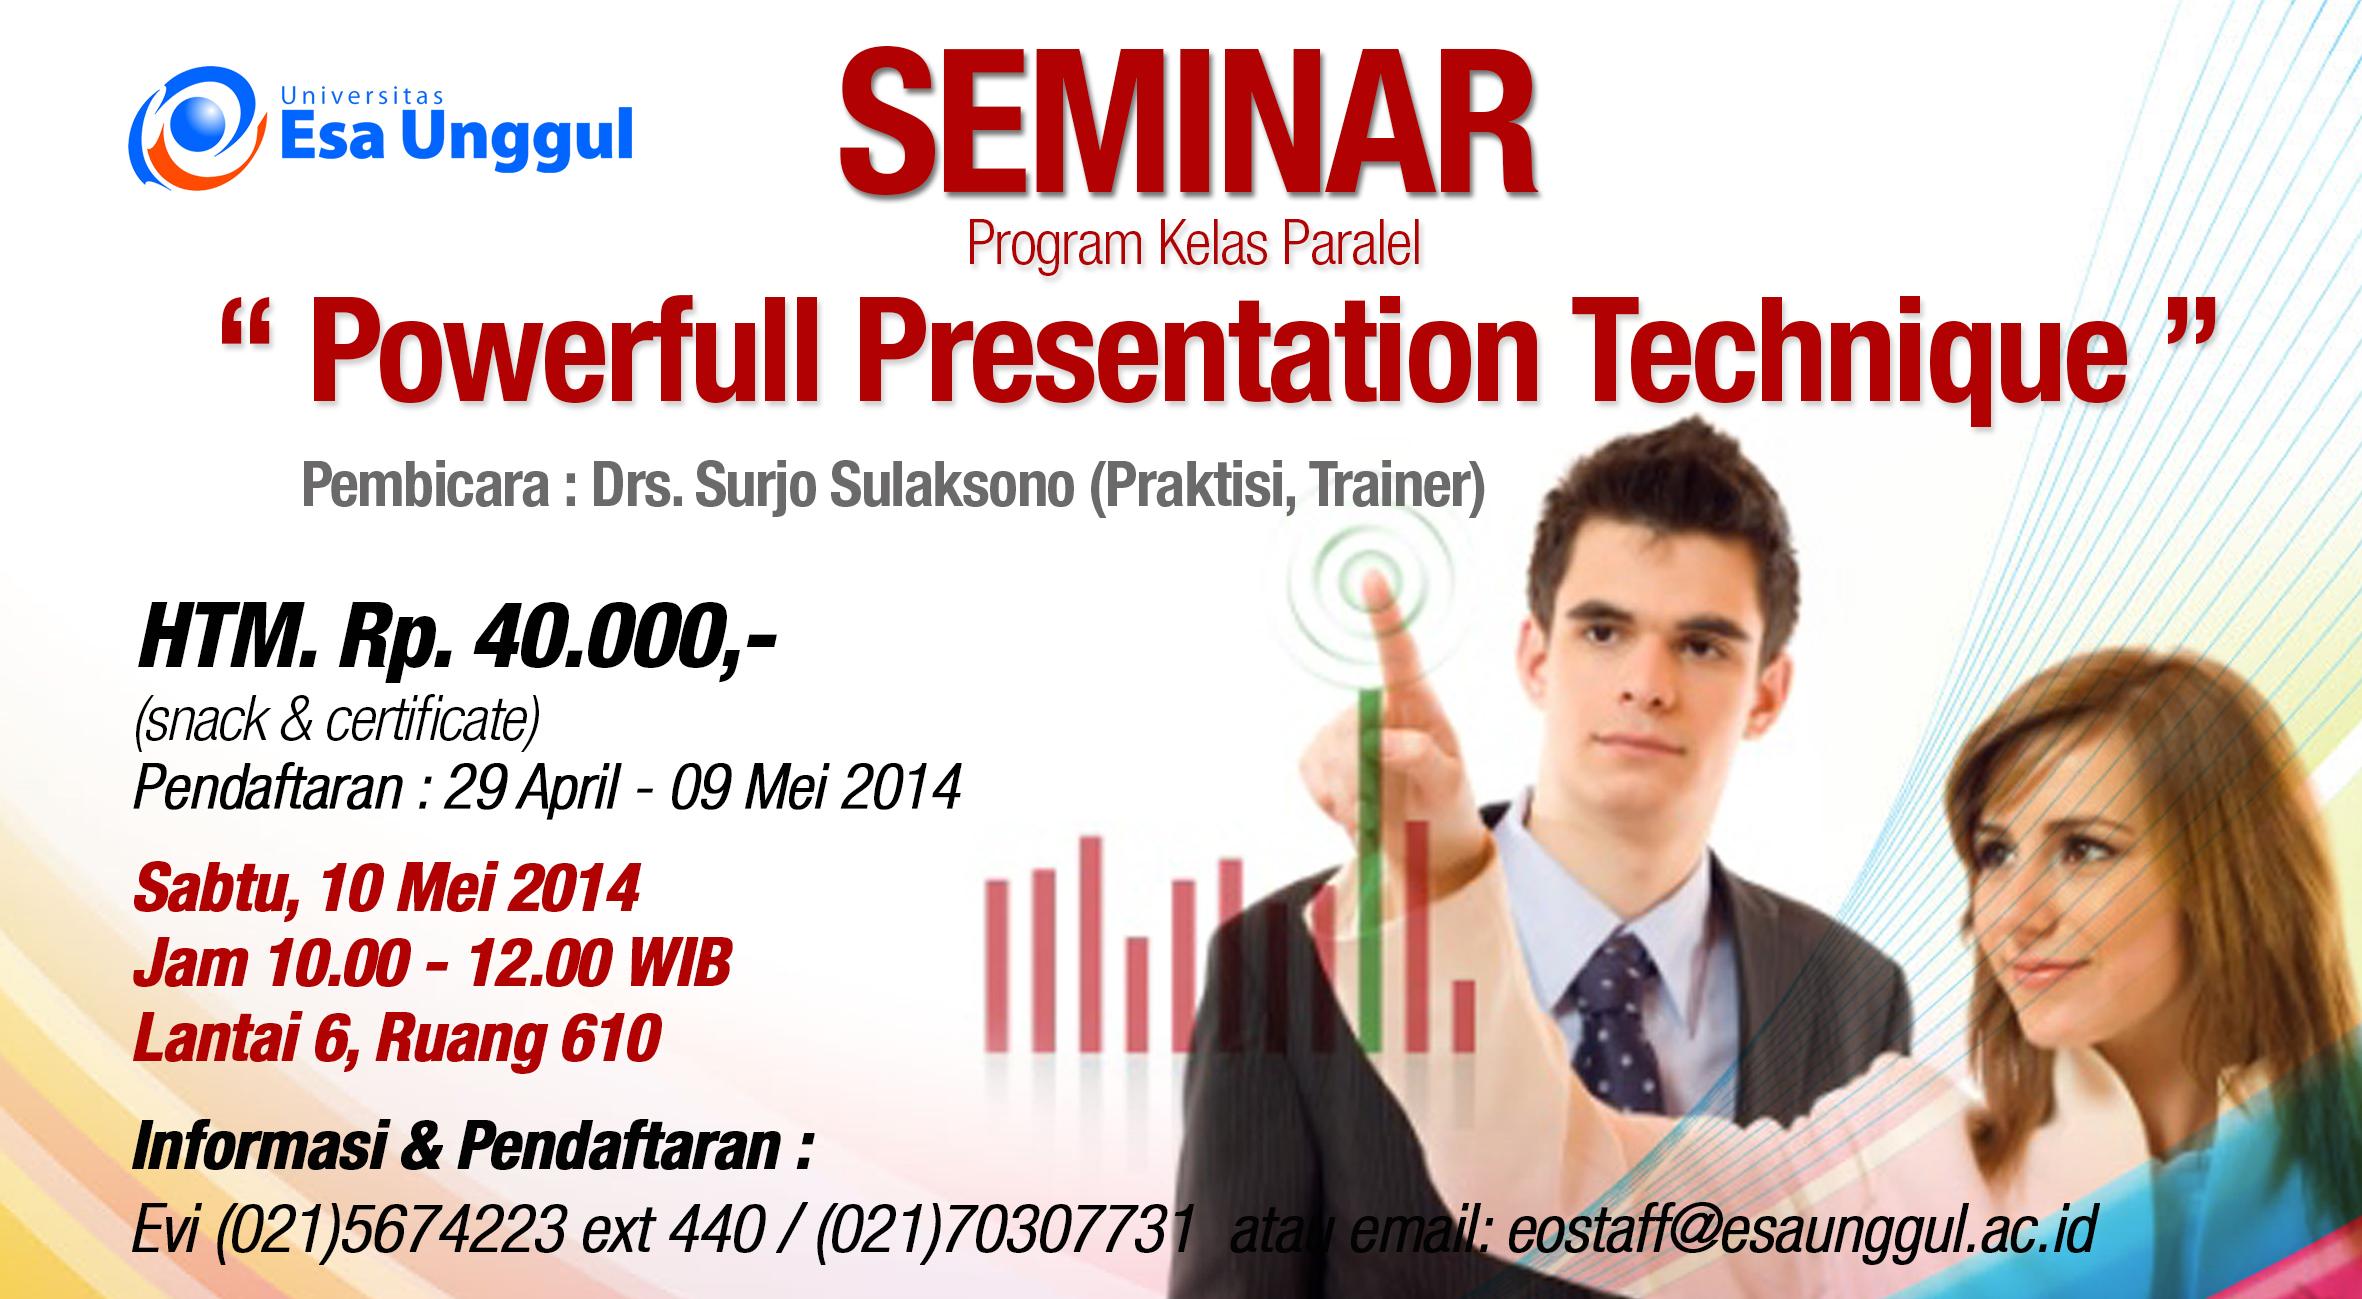 """Universitas Esa Unggul menyelenggarakan Seminar """" Powerfull Presentation Technique"""" pada Sabtu, 10 Mei 2014"""